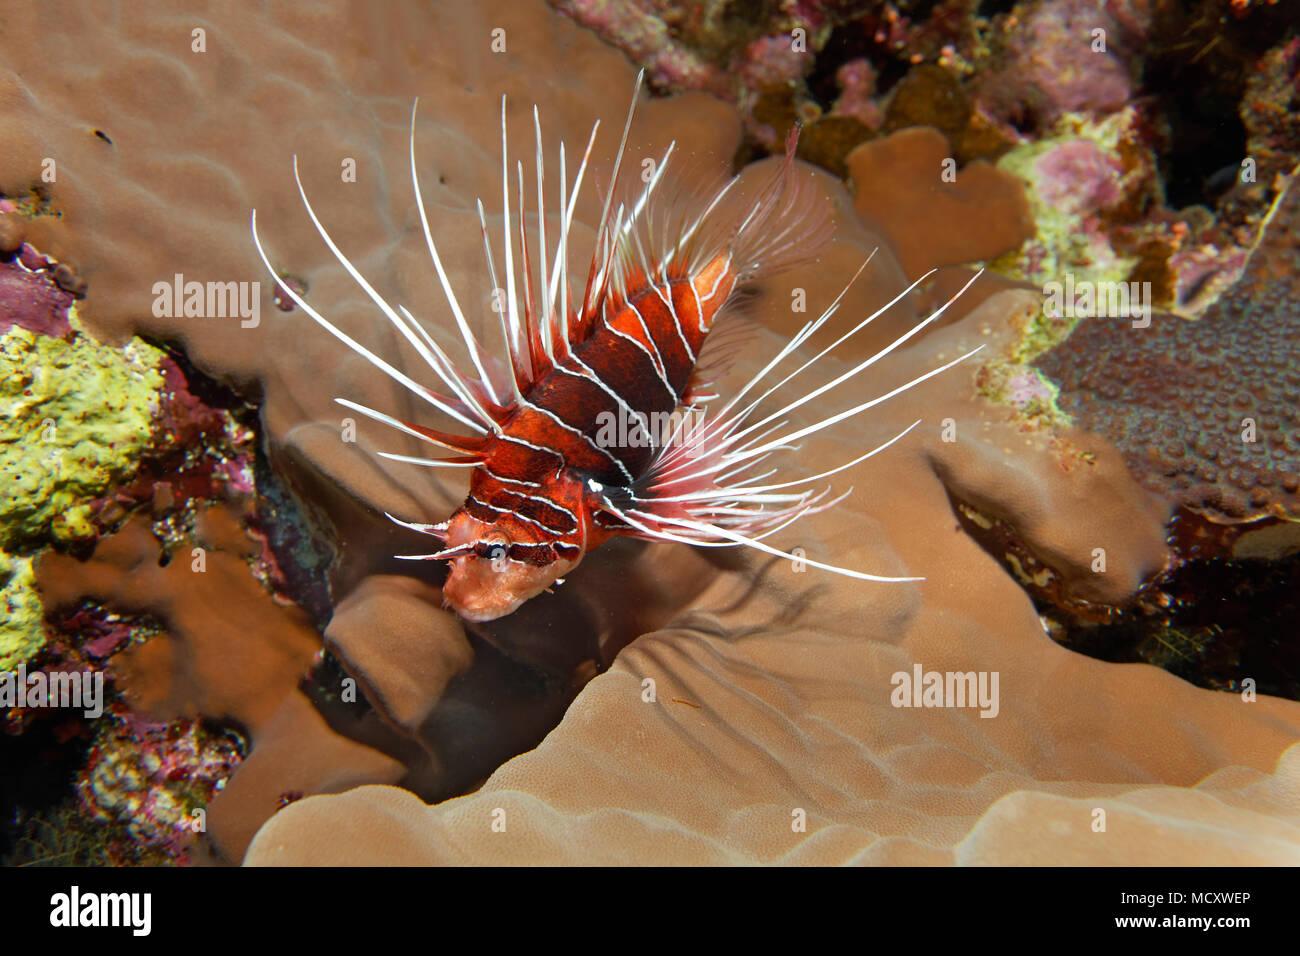 Firefish radial (Pterois radiata) en el arrecife de coral, nocturnos, Mar Rojo, Egipto Foto de stock